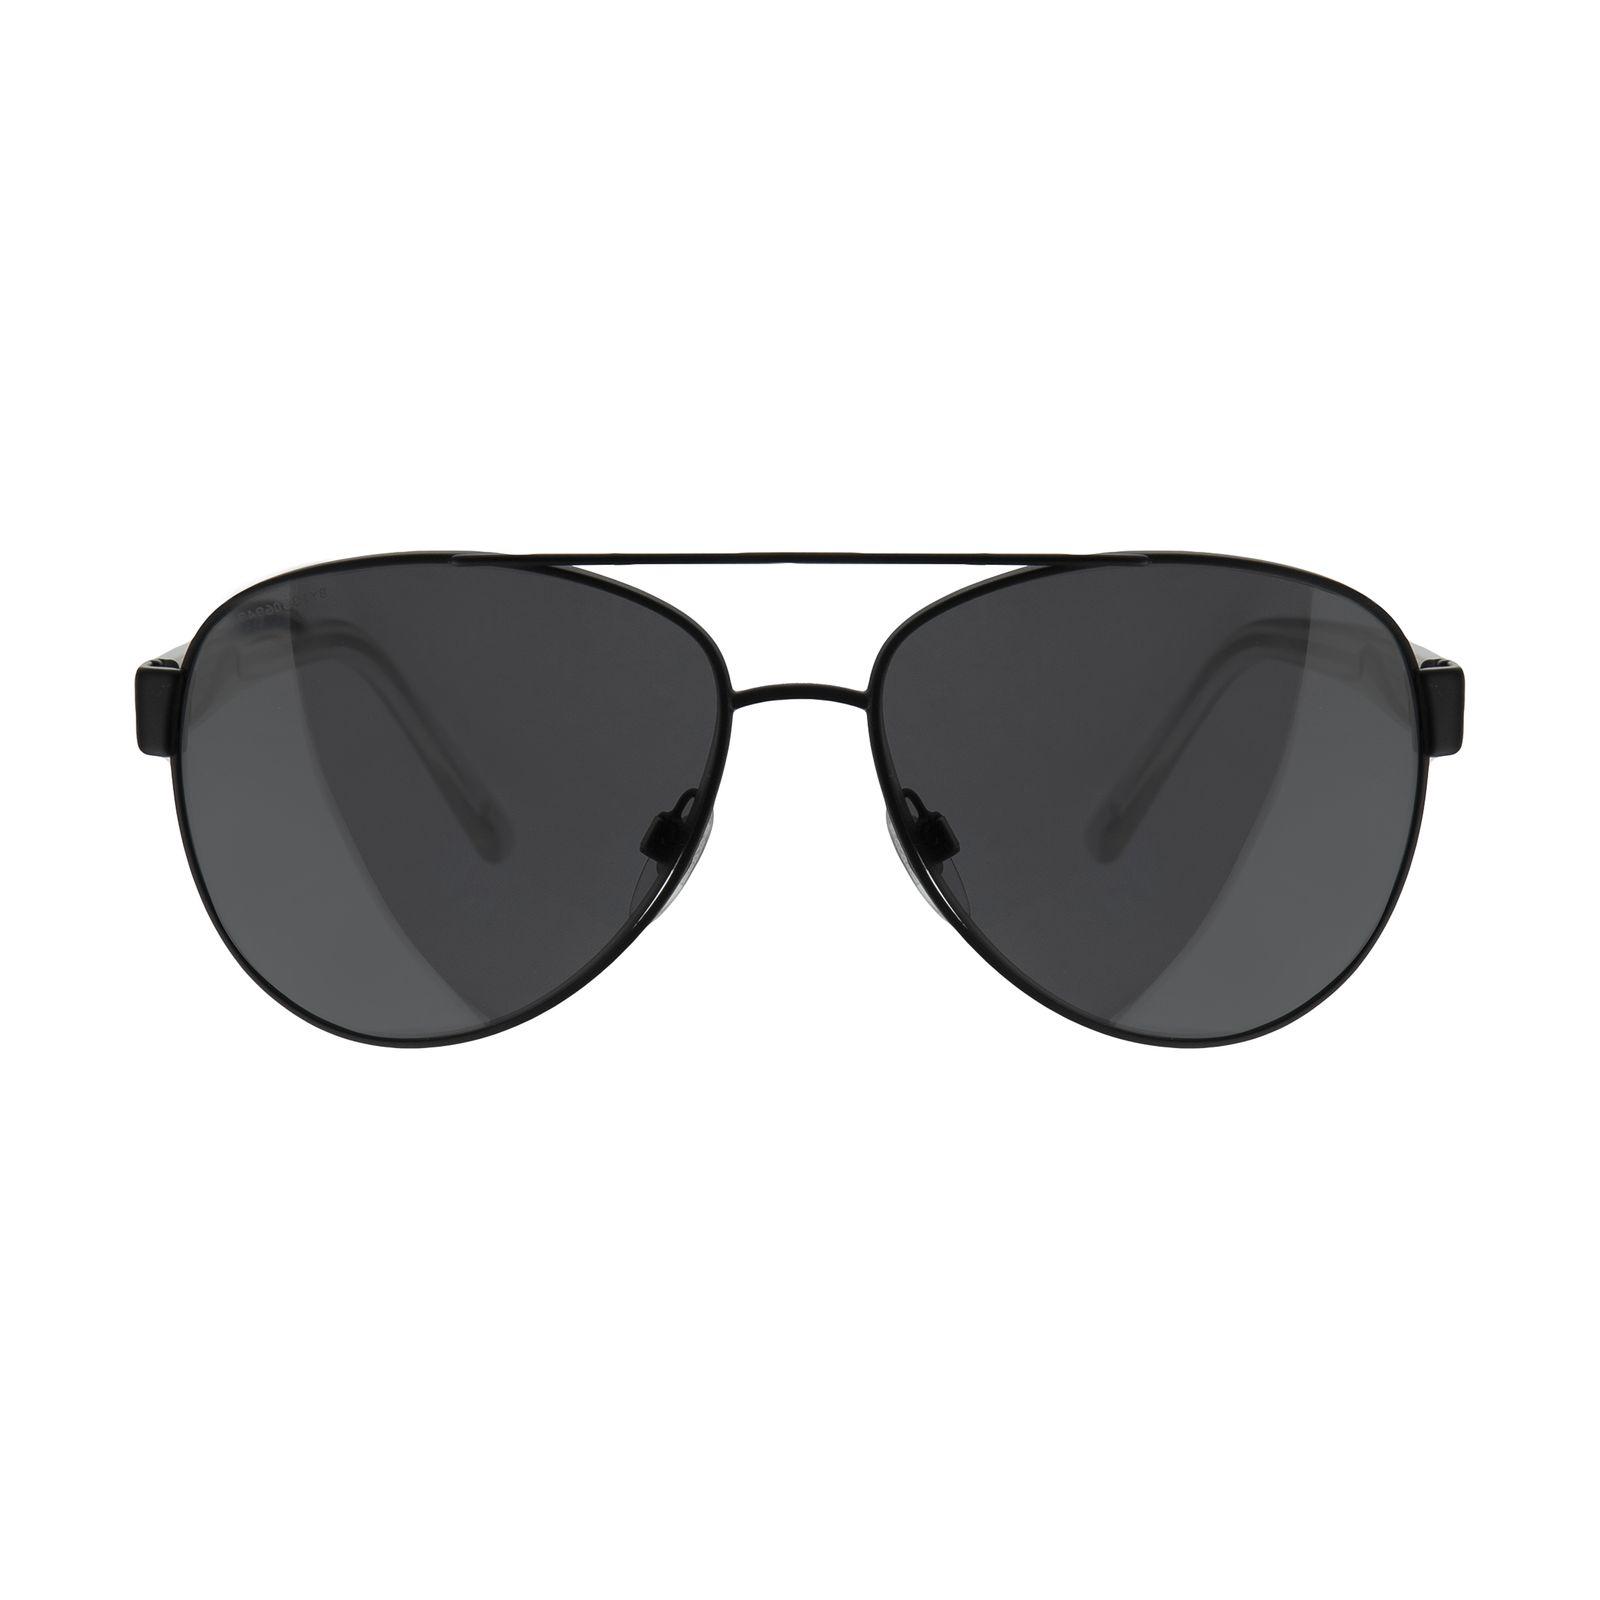 عینک آفتابی زنانه بربری مدل BE 3084S 100787 57 -  - 2